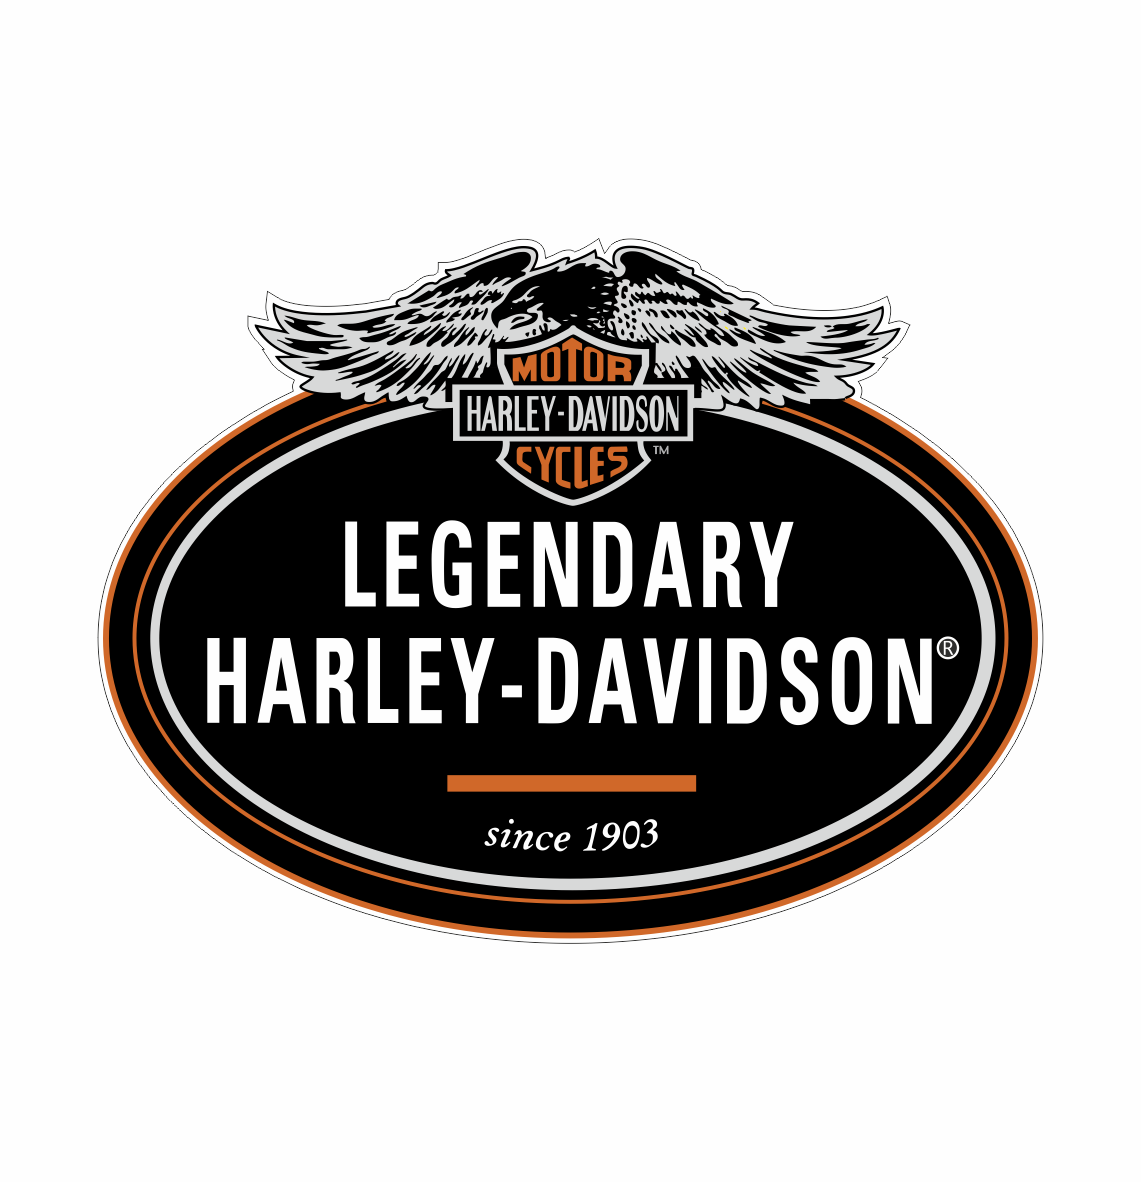 harley davidson legendary harley klisterm rker. Black Bedroom Furniture Sets. Home Design Ideas